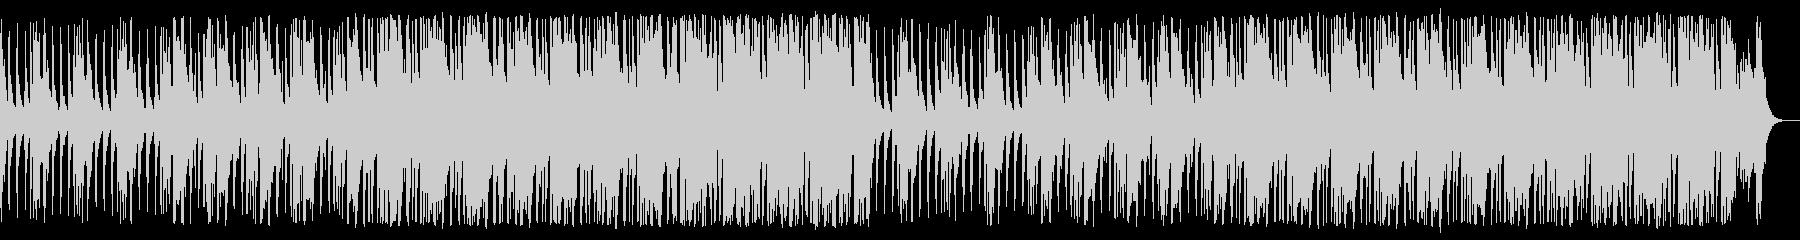 三味線と和太鼓が鳴り響く侍の均衡する戦いの未再生の波形